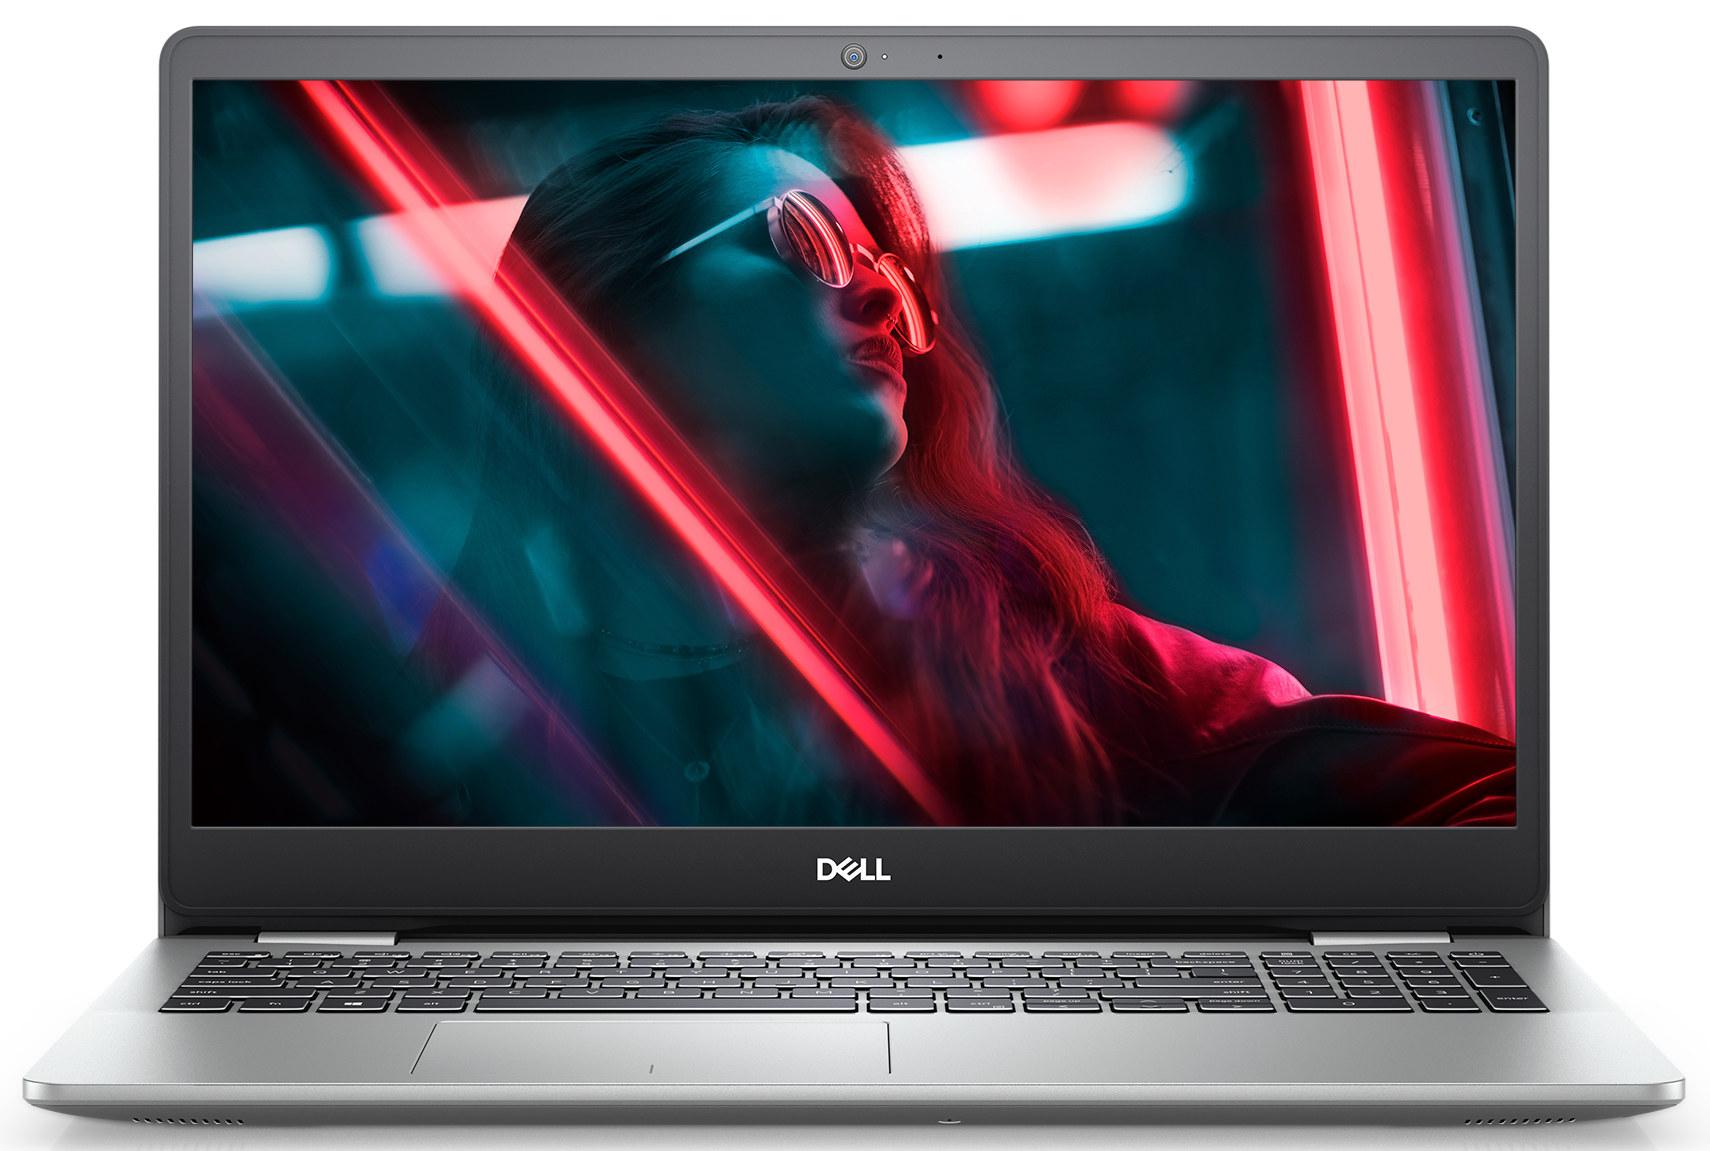 Dell Inspiron 14 5000 (5493)